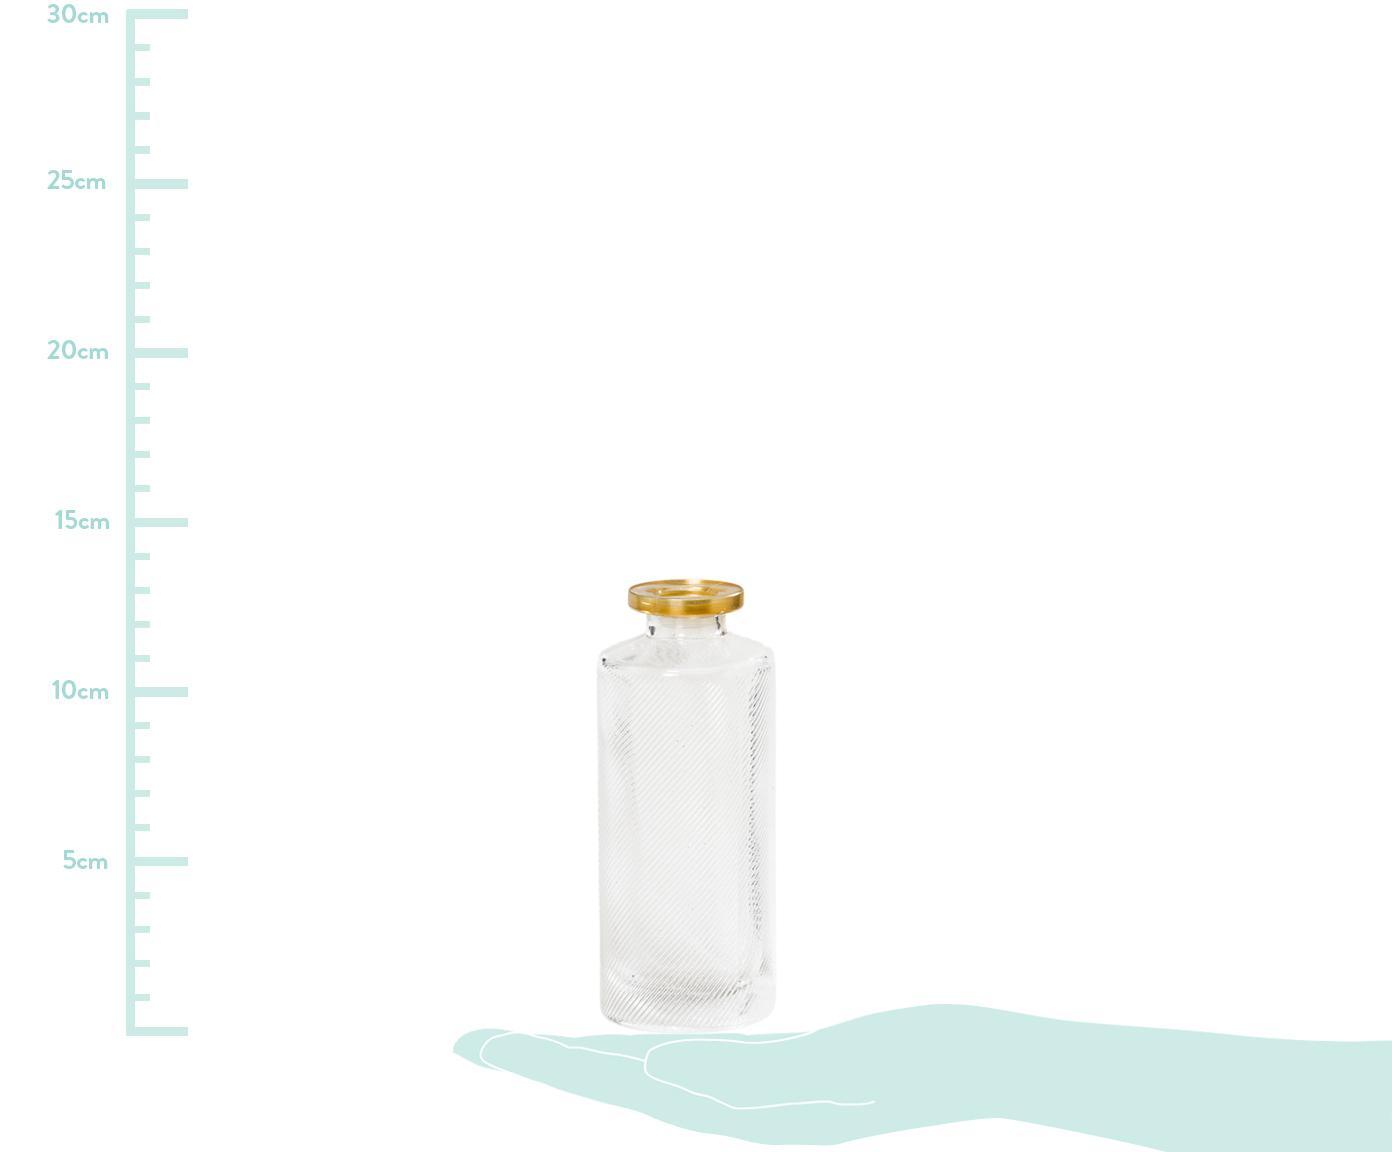 Petit vase en verre Adore, 3 élém., Transparent, couleur dorée